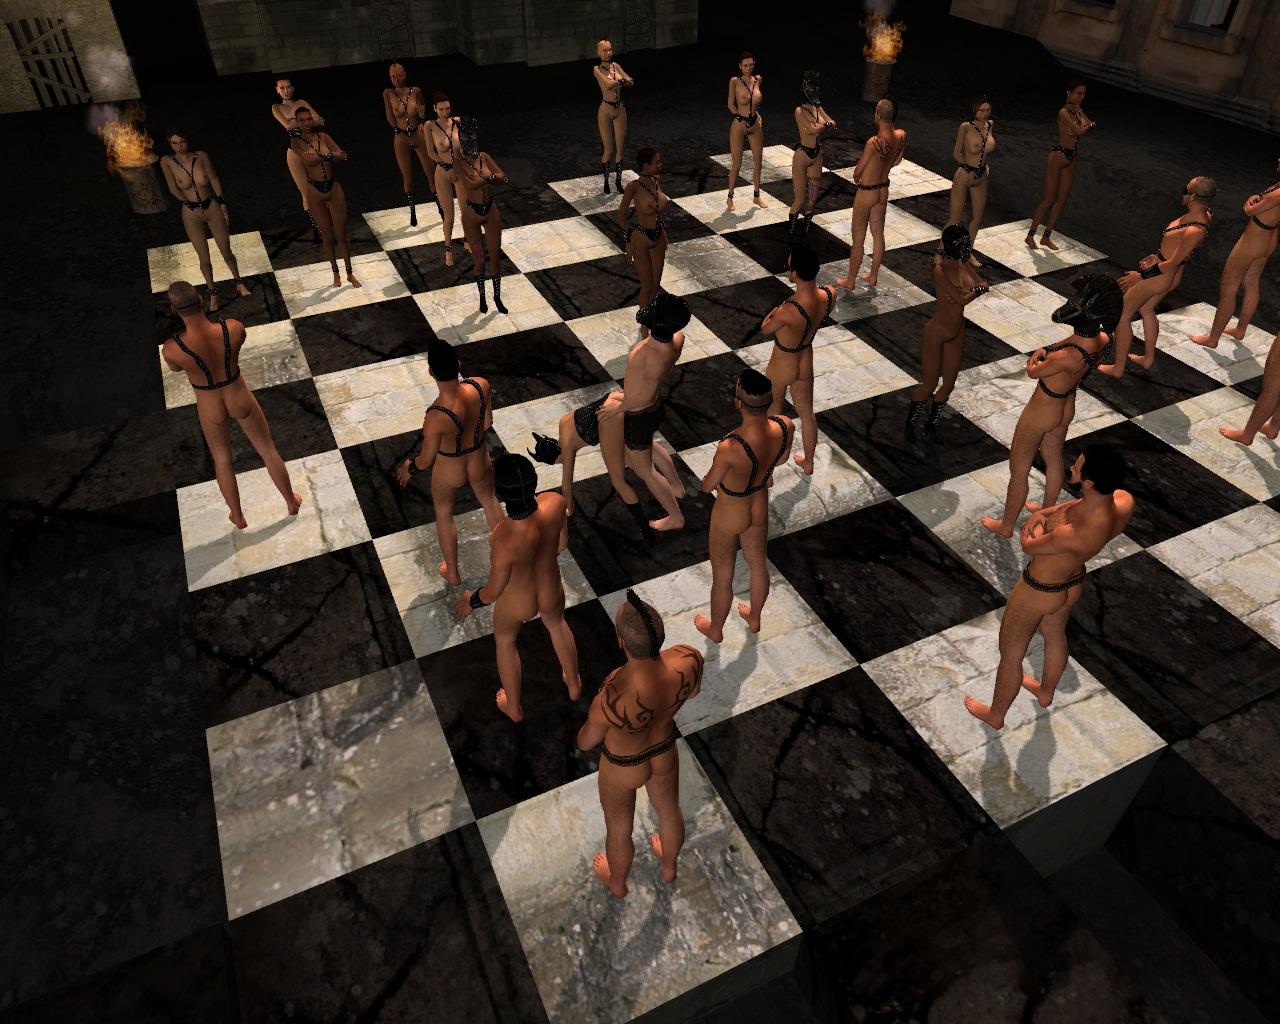 Развлекайтесь Игрой В Шахматы В Логической Порно Игре Шахматы С Пленницей